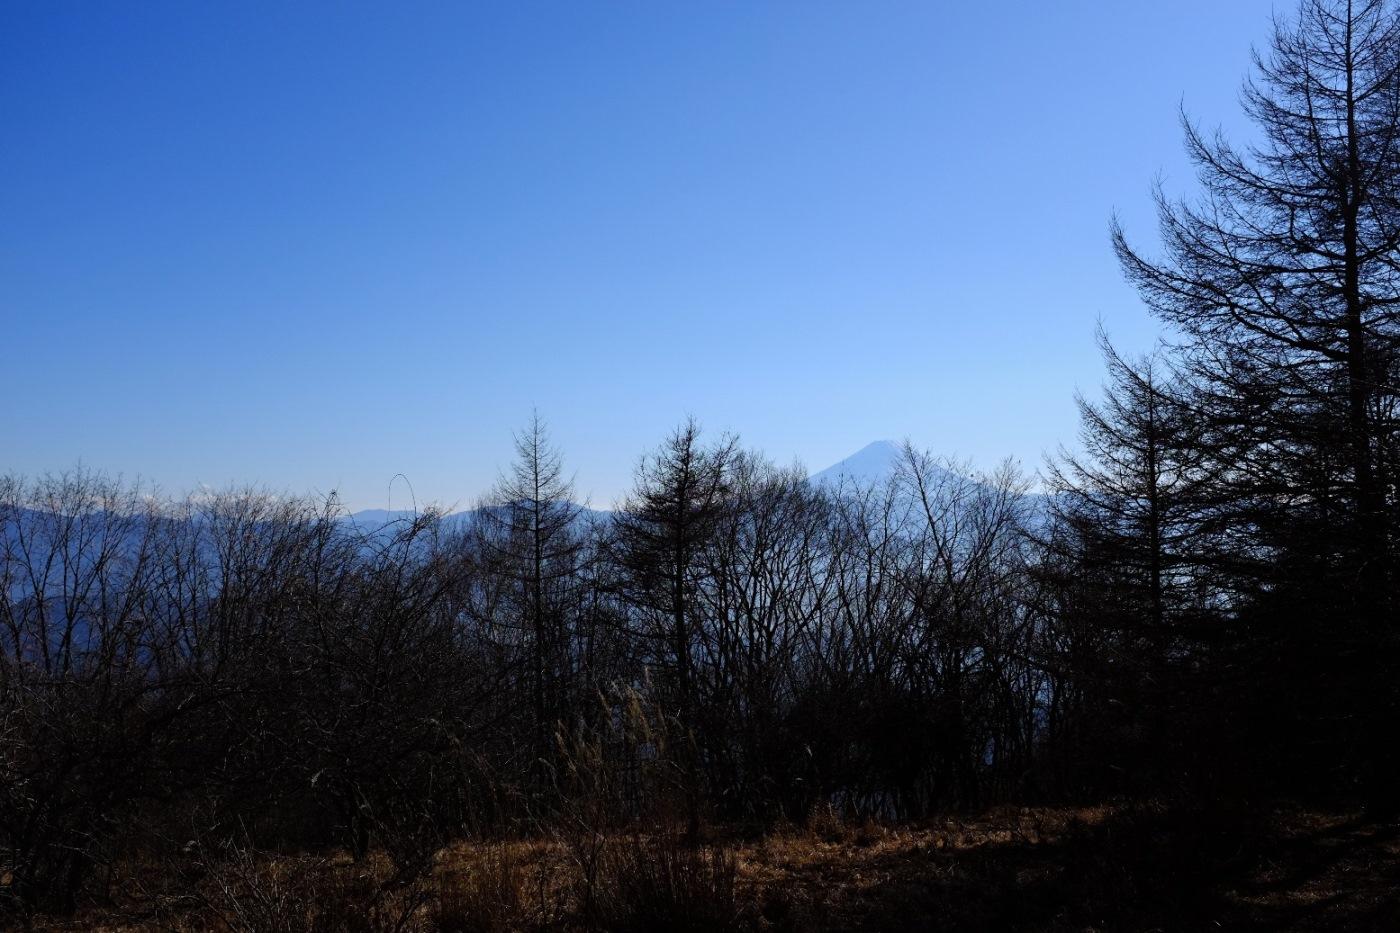 2015/12/18 乾徳山 道満山 04_d0233770_14213736.jpg